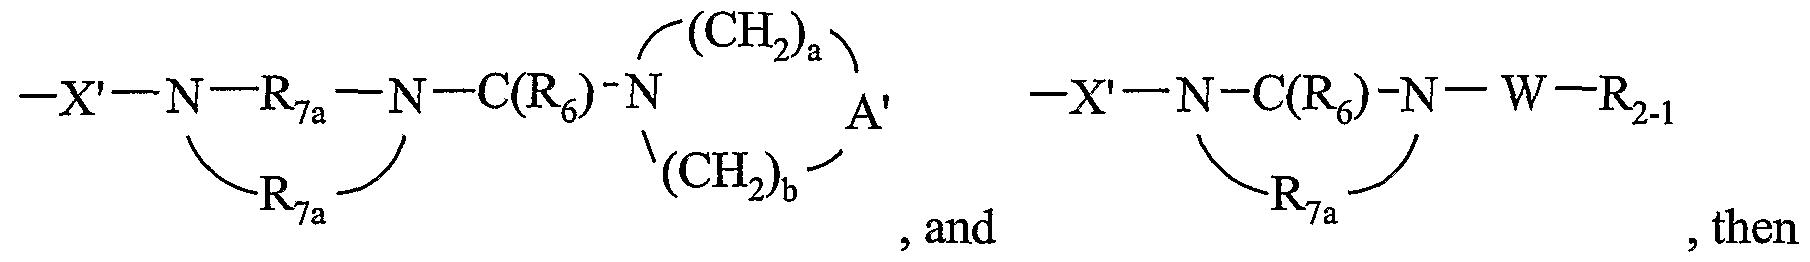 Figure imgf000056_0005